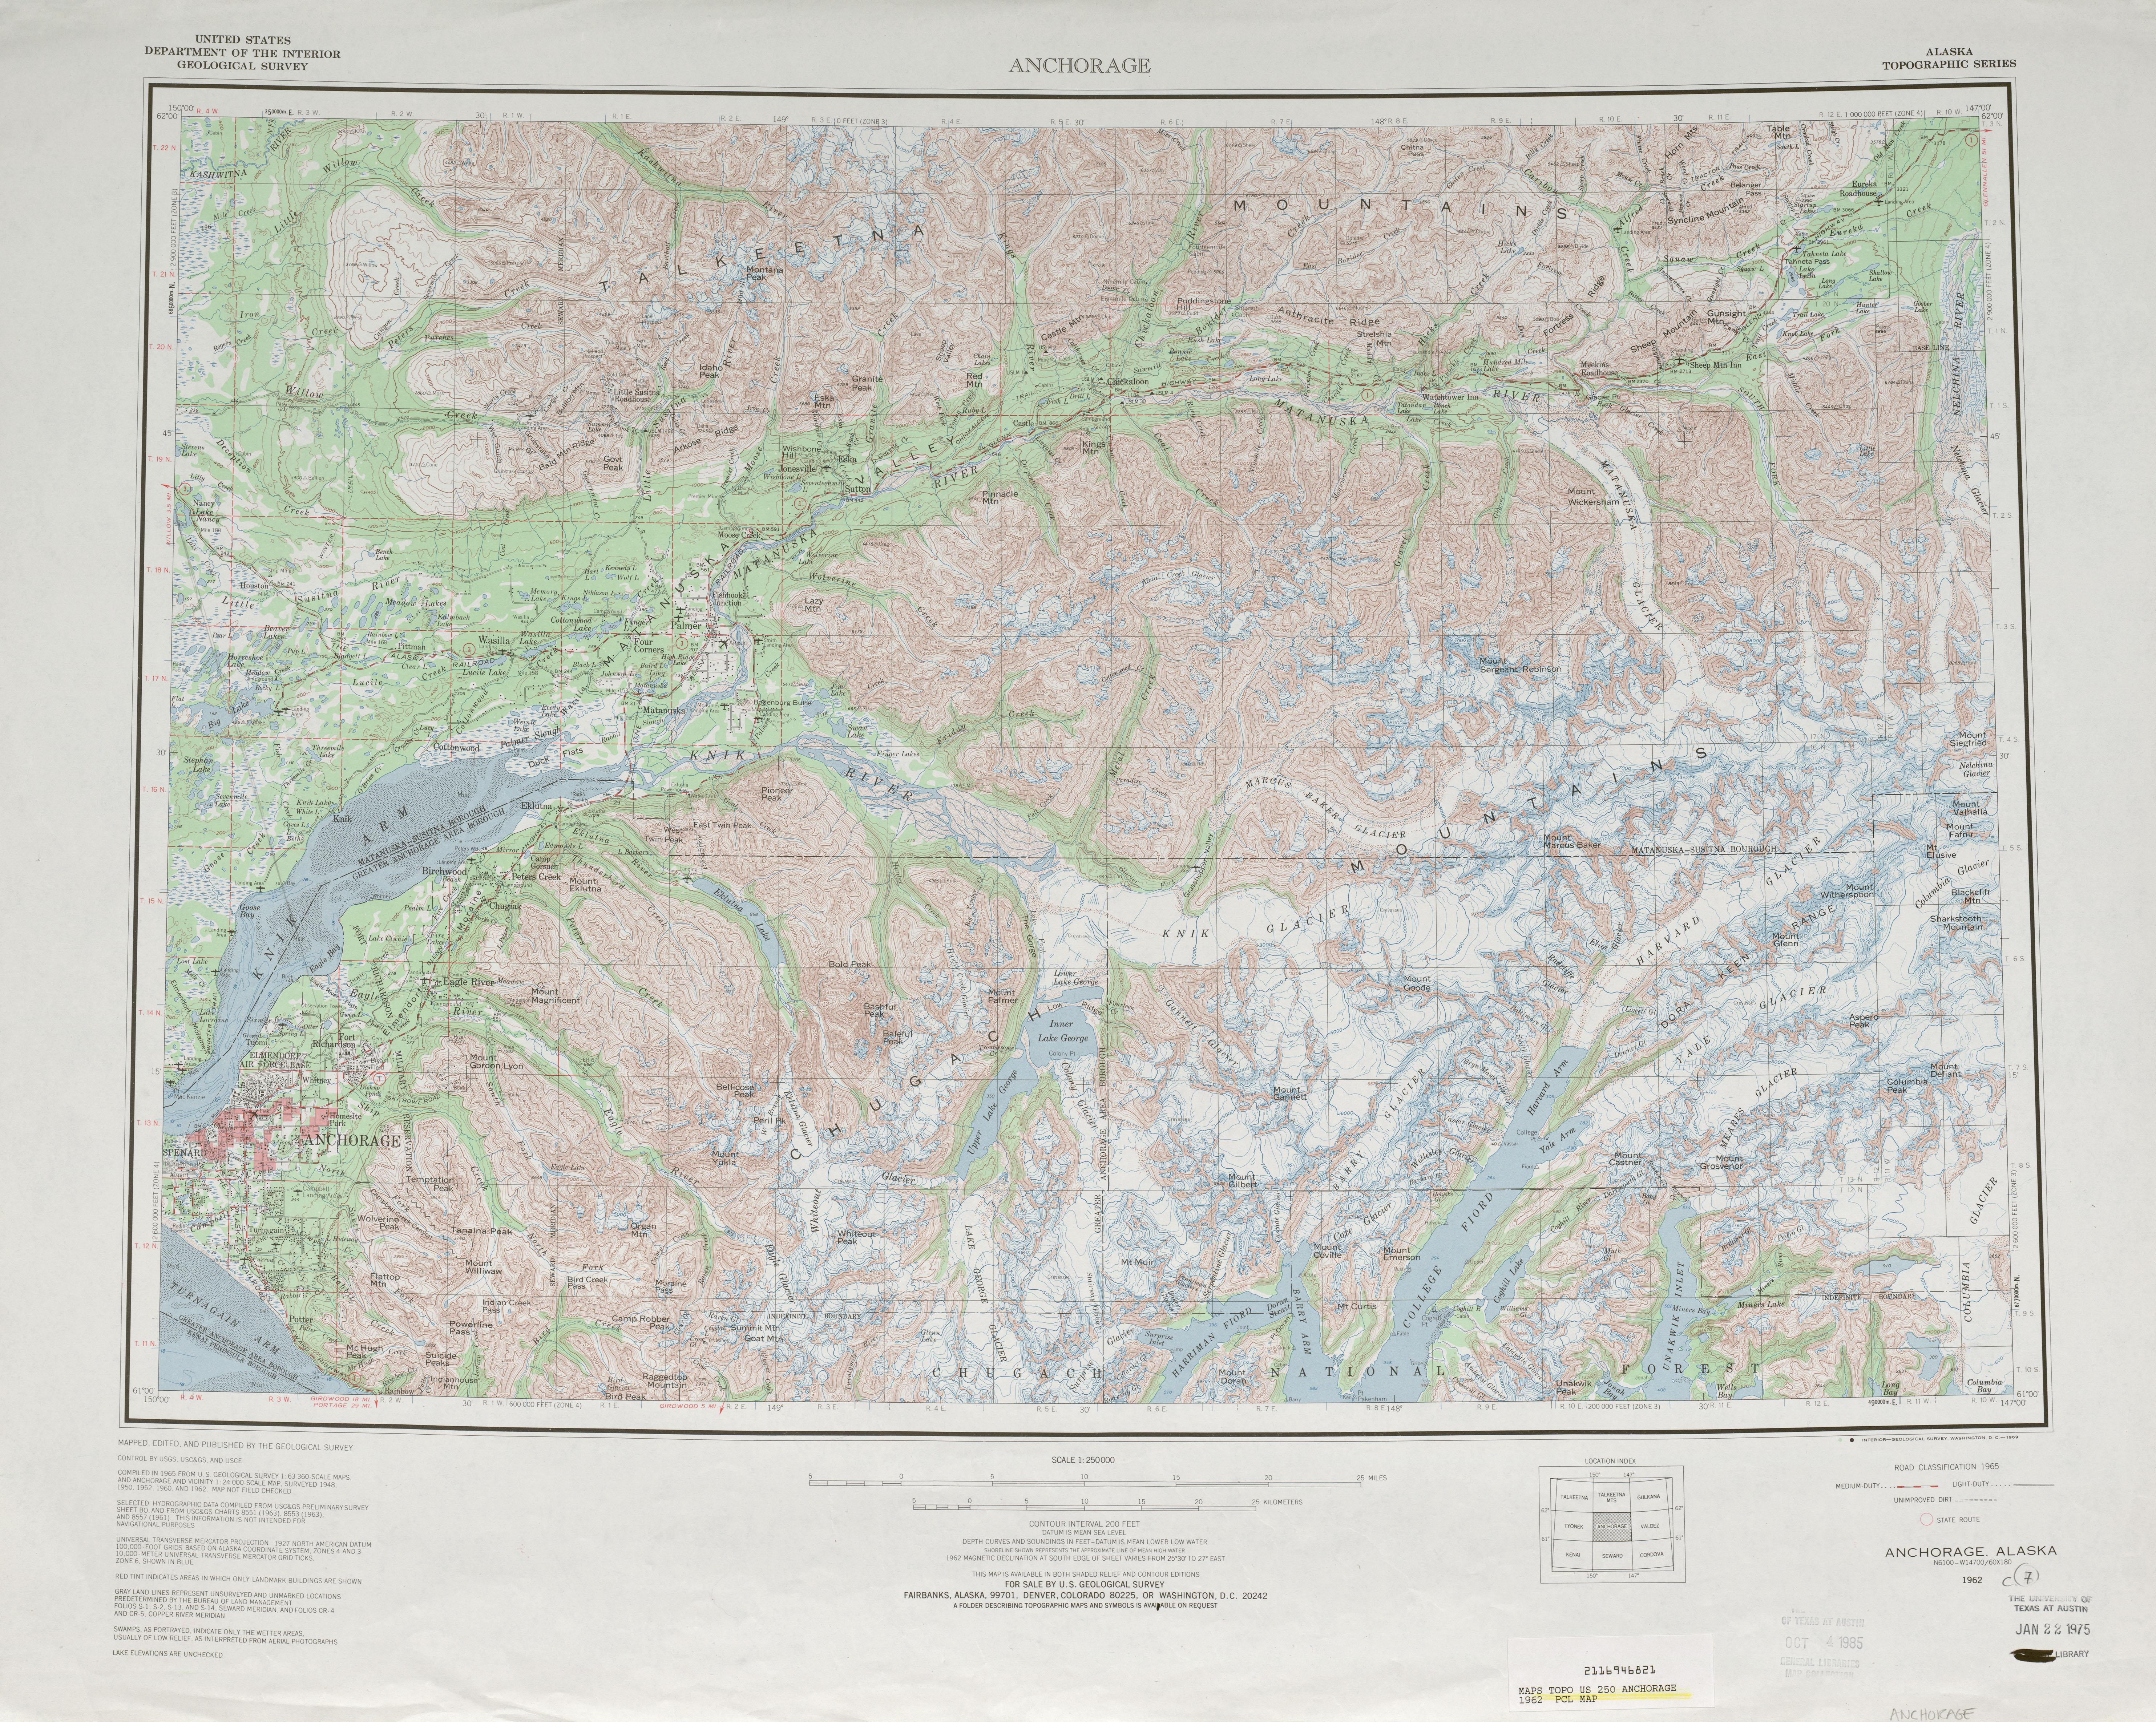 Hoja Anchorage del Mapa Topográfico de los Estados Unidos 1962